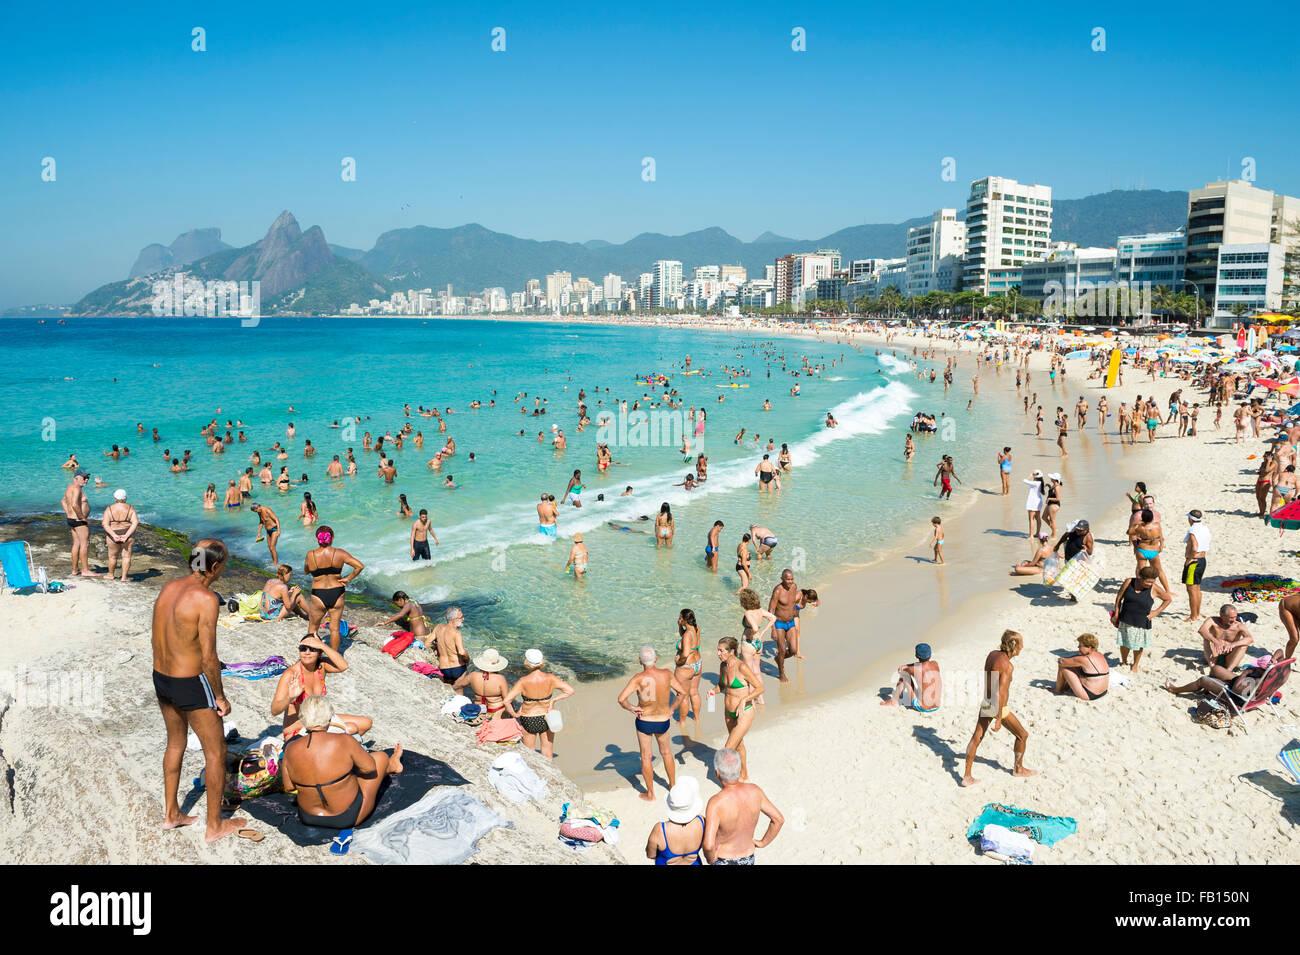 RIO DE JANEIRO, Brésil - février 08, 2015: amateurs de profiter d'une mer calme à l'Arpoador Photo Stock